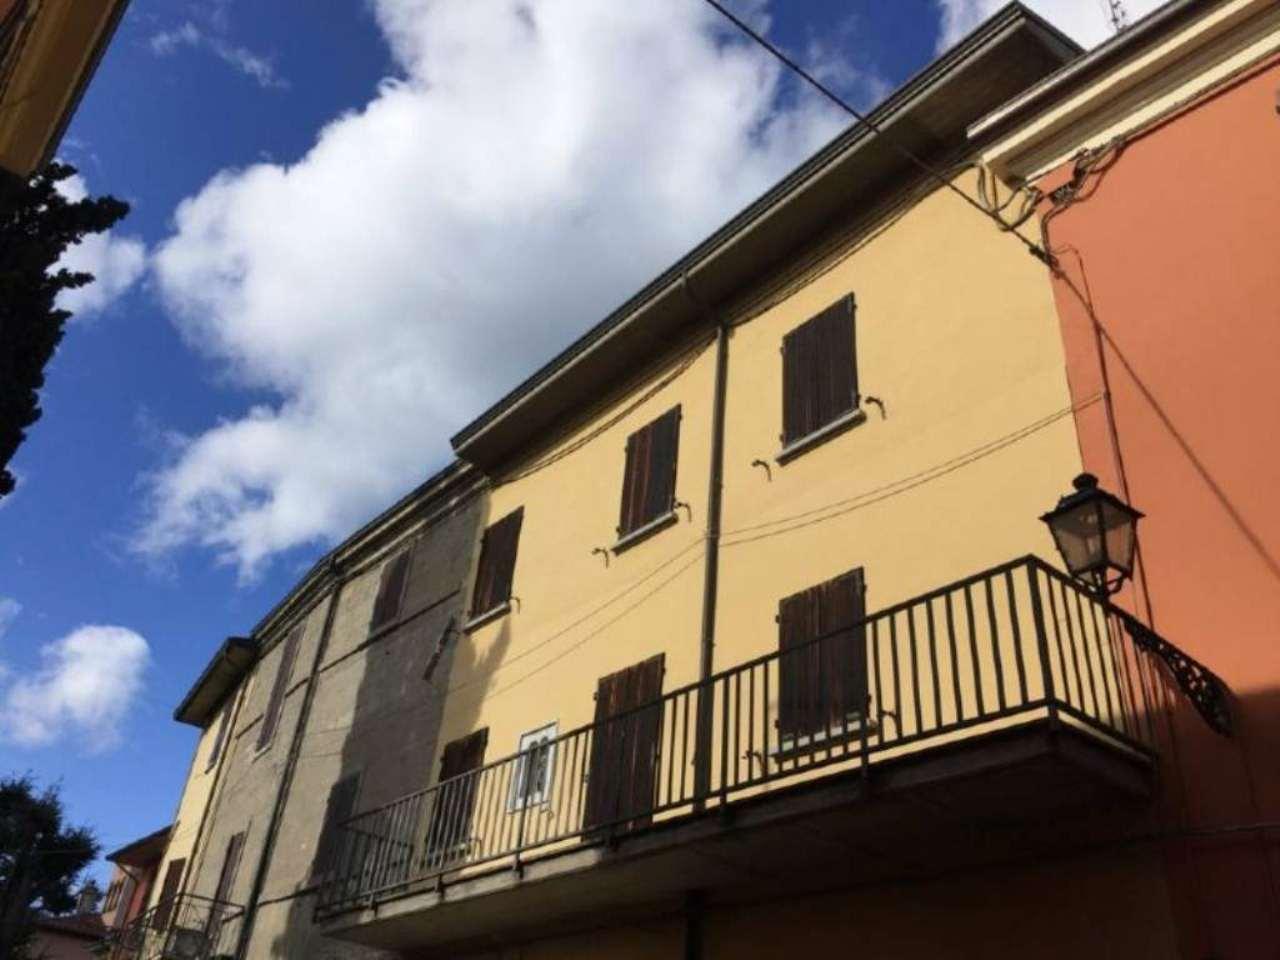 Palazzo / Stabile in vendita a Sarsina, 7 locali, prezzo € 230.000 | CambioCasa.it